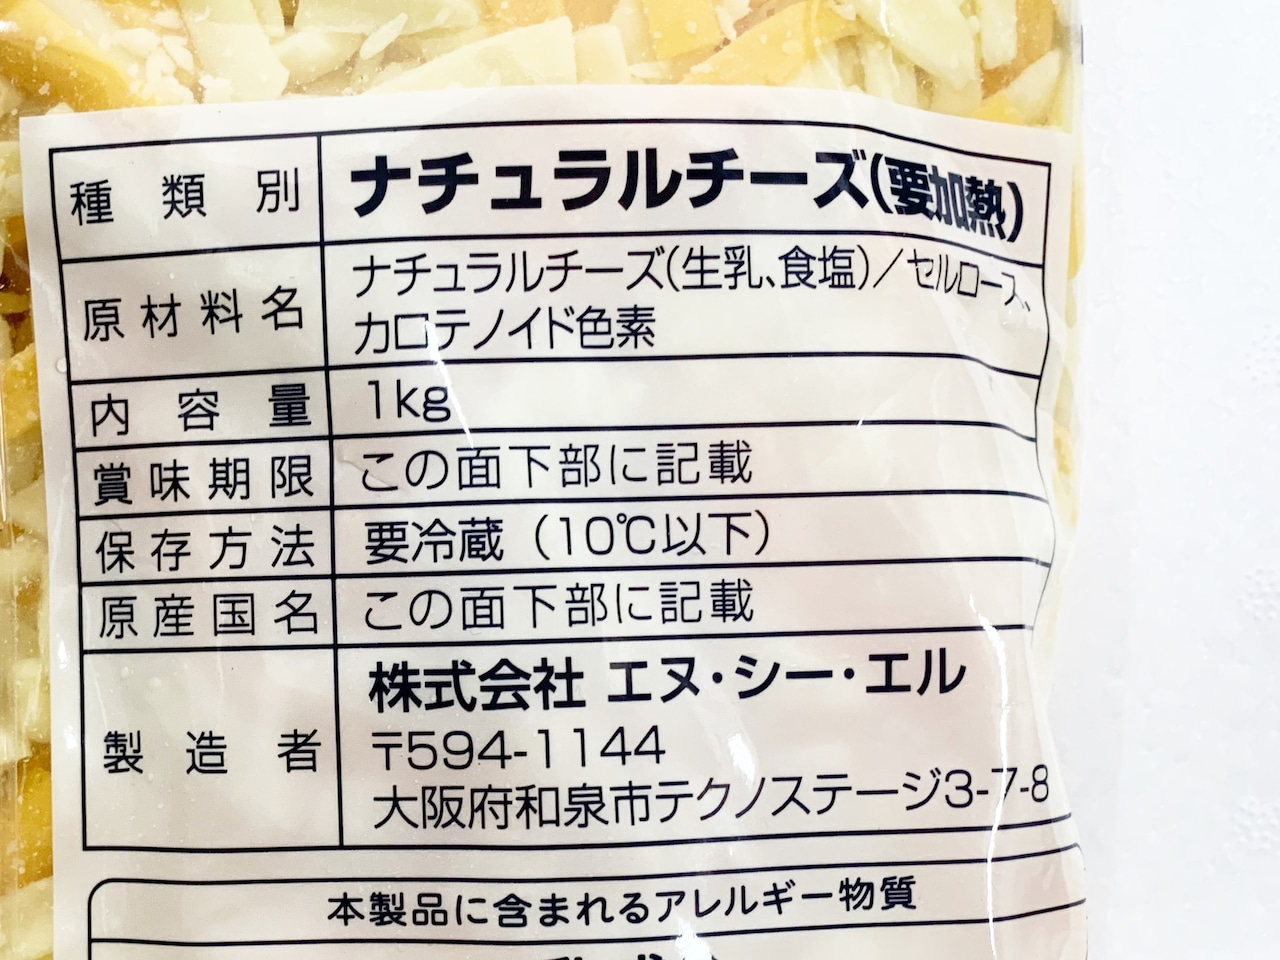 マーブルシュレッドチーズ1kg